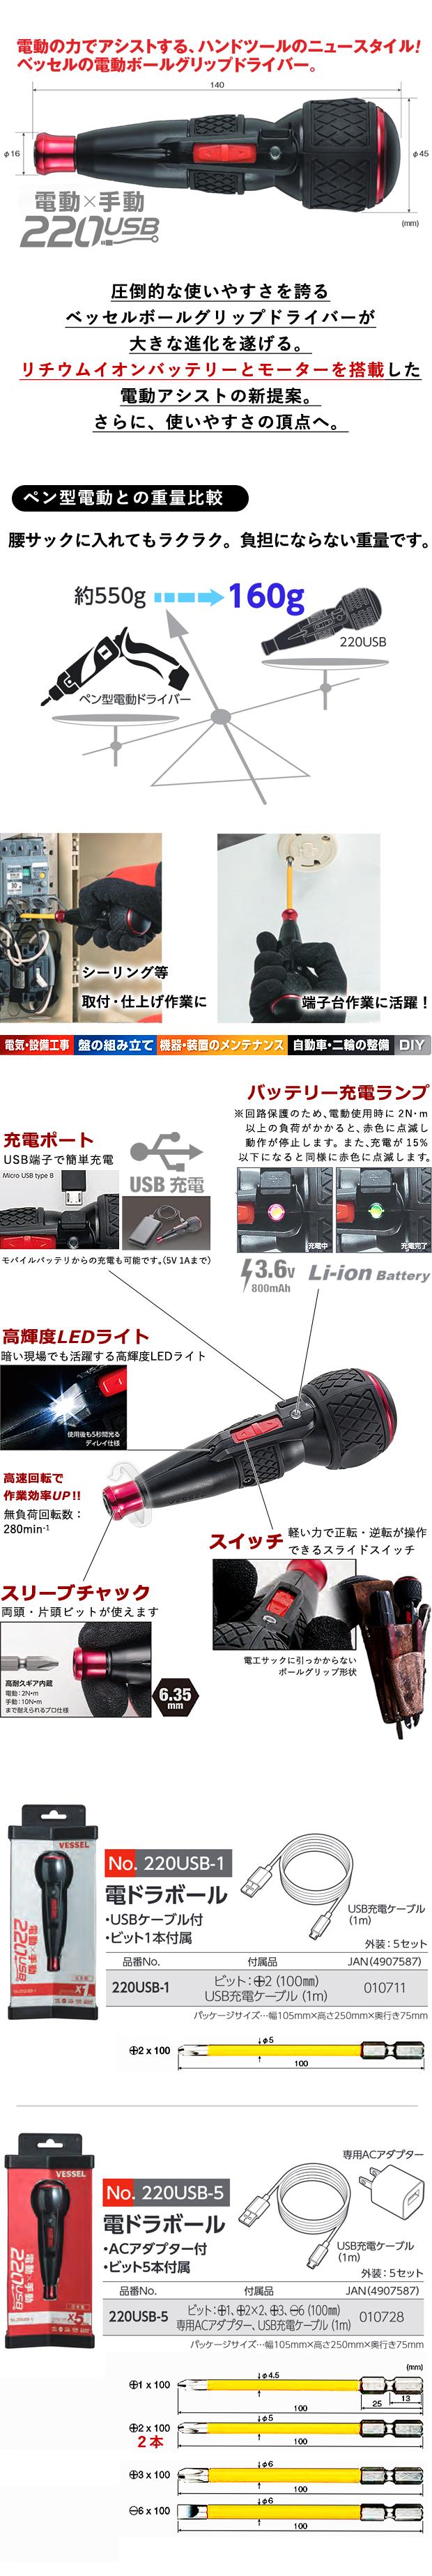 ベッセル 電ドラボール 電動手動両用ドライバー